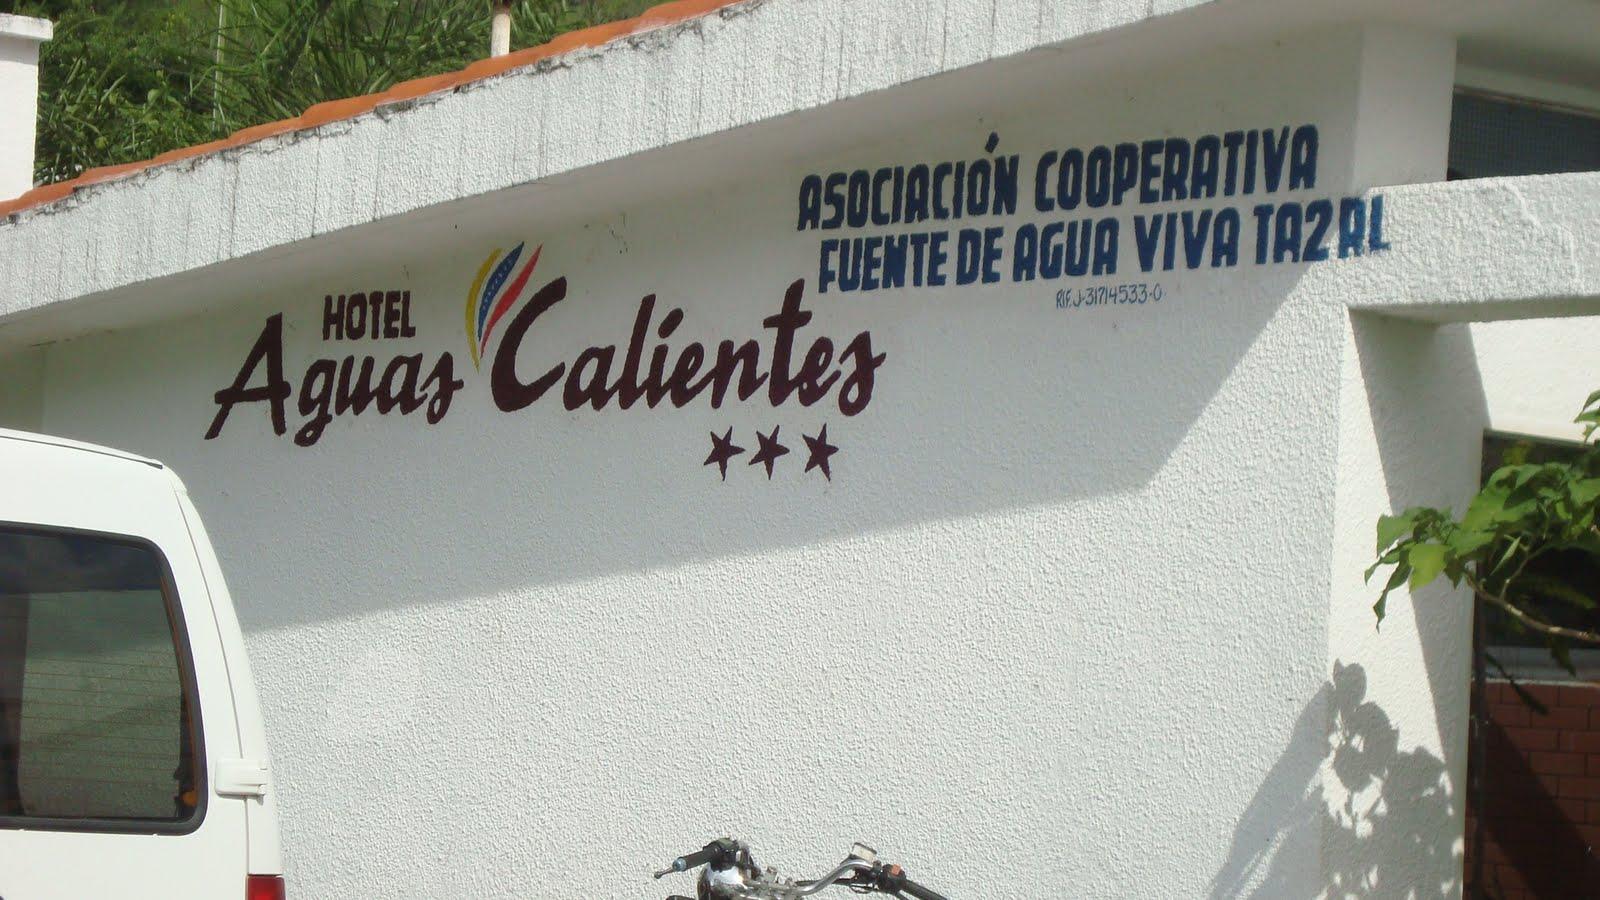 Hotel Aguas Calientes Municipio Pedro Maria Ureña Estado Tachira